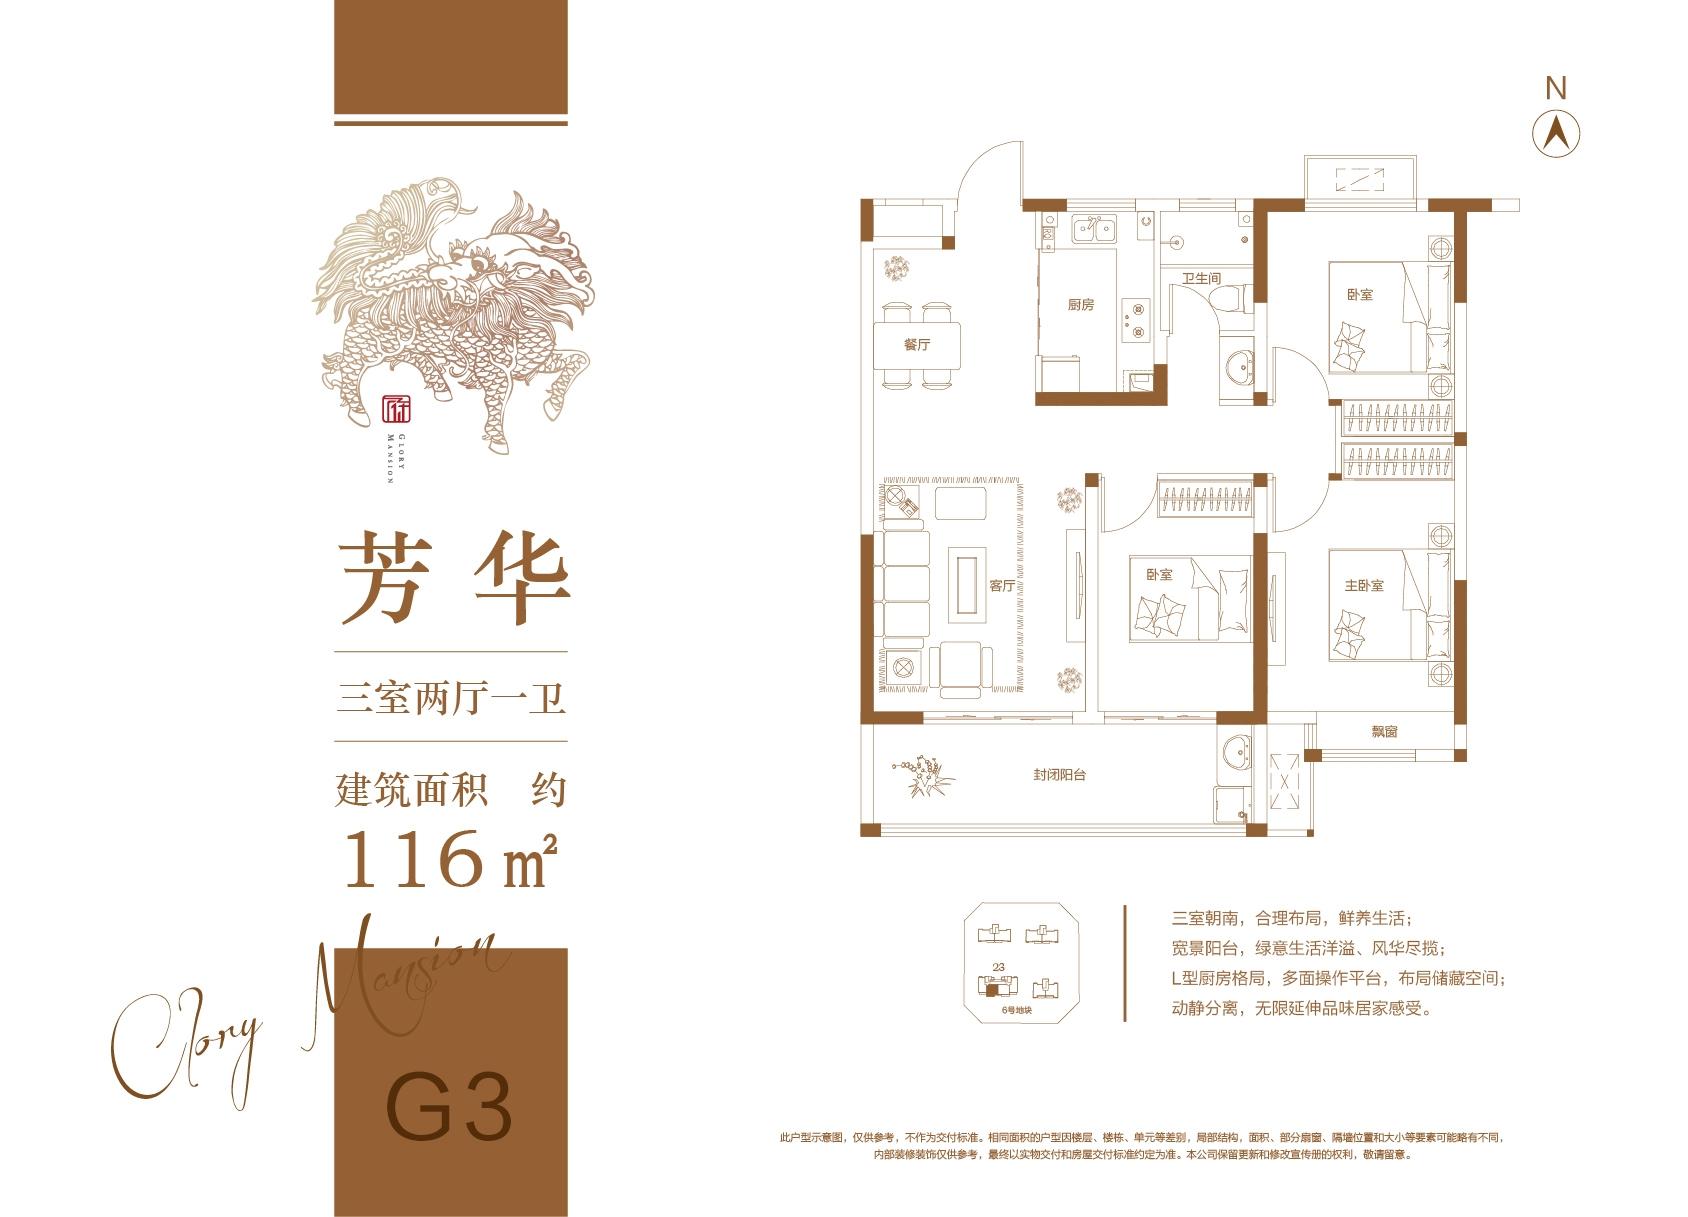 荣盛华府二区·玖珑院 G3户型 三室两厅一卫 建面约116㎡